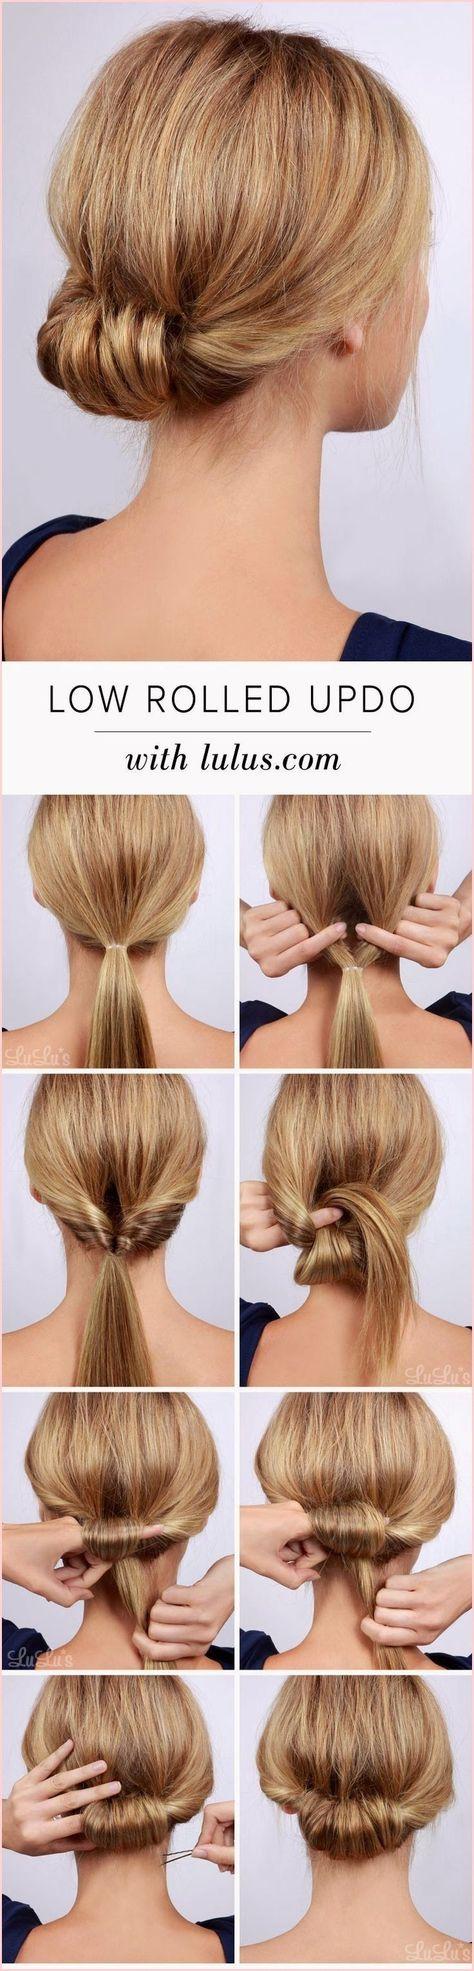 Kurze haare frisur anleitung – Beliebte Frisuren 11